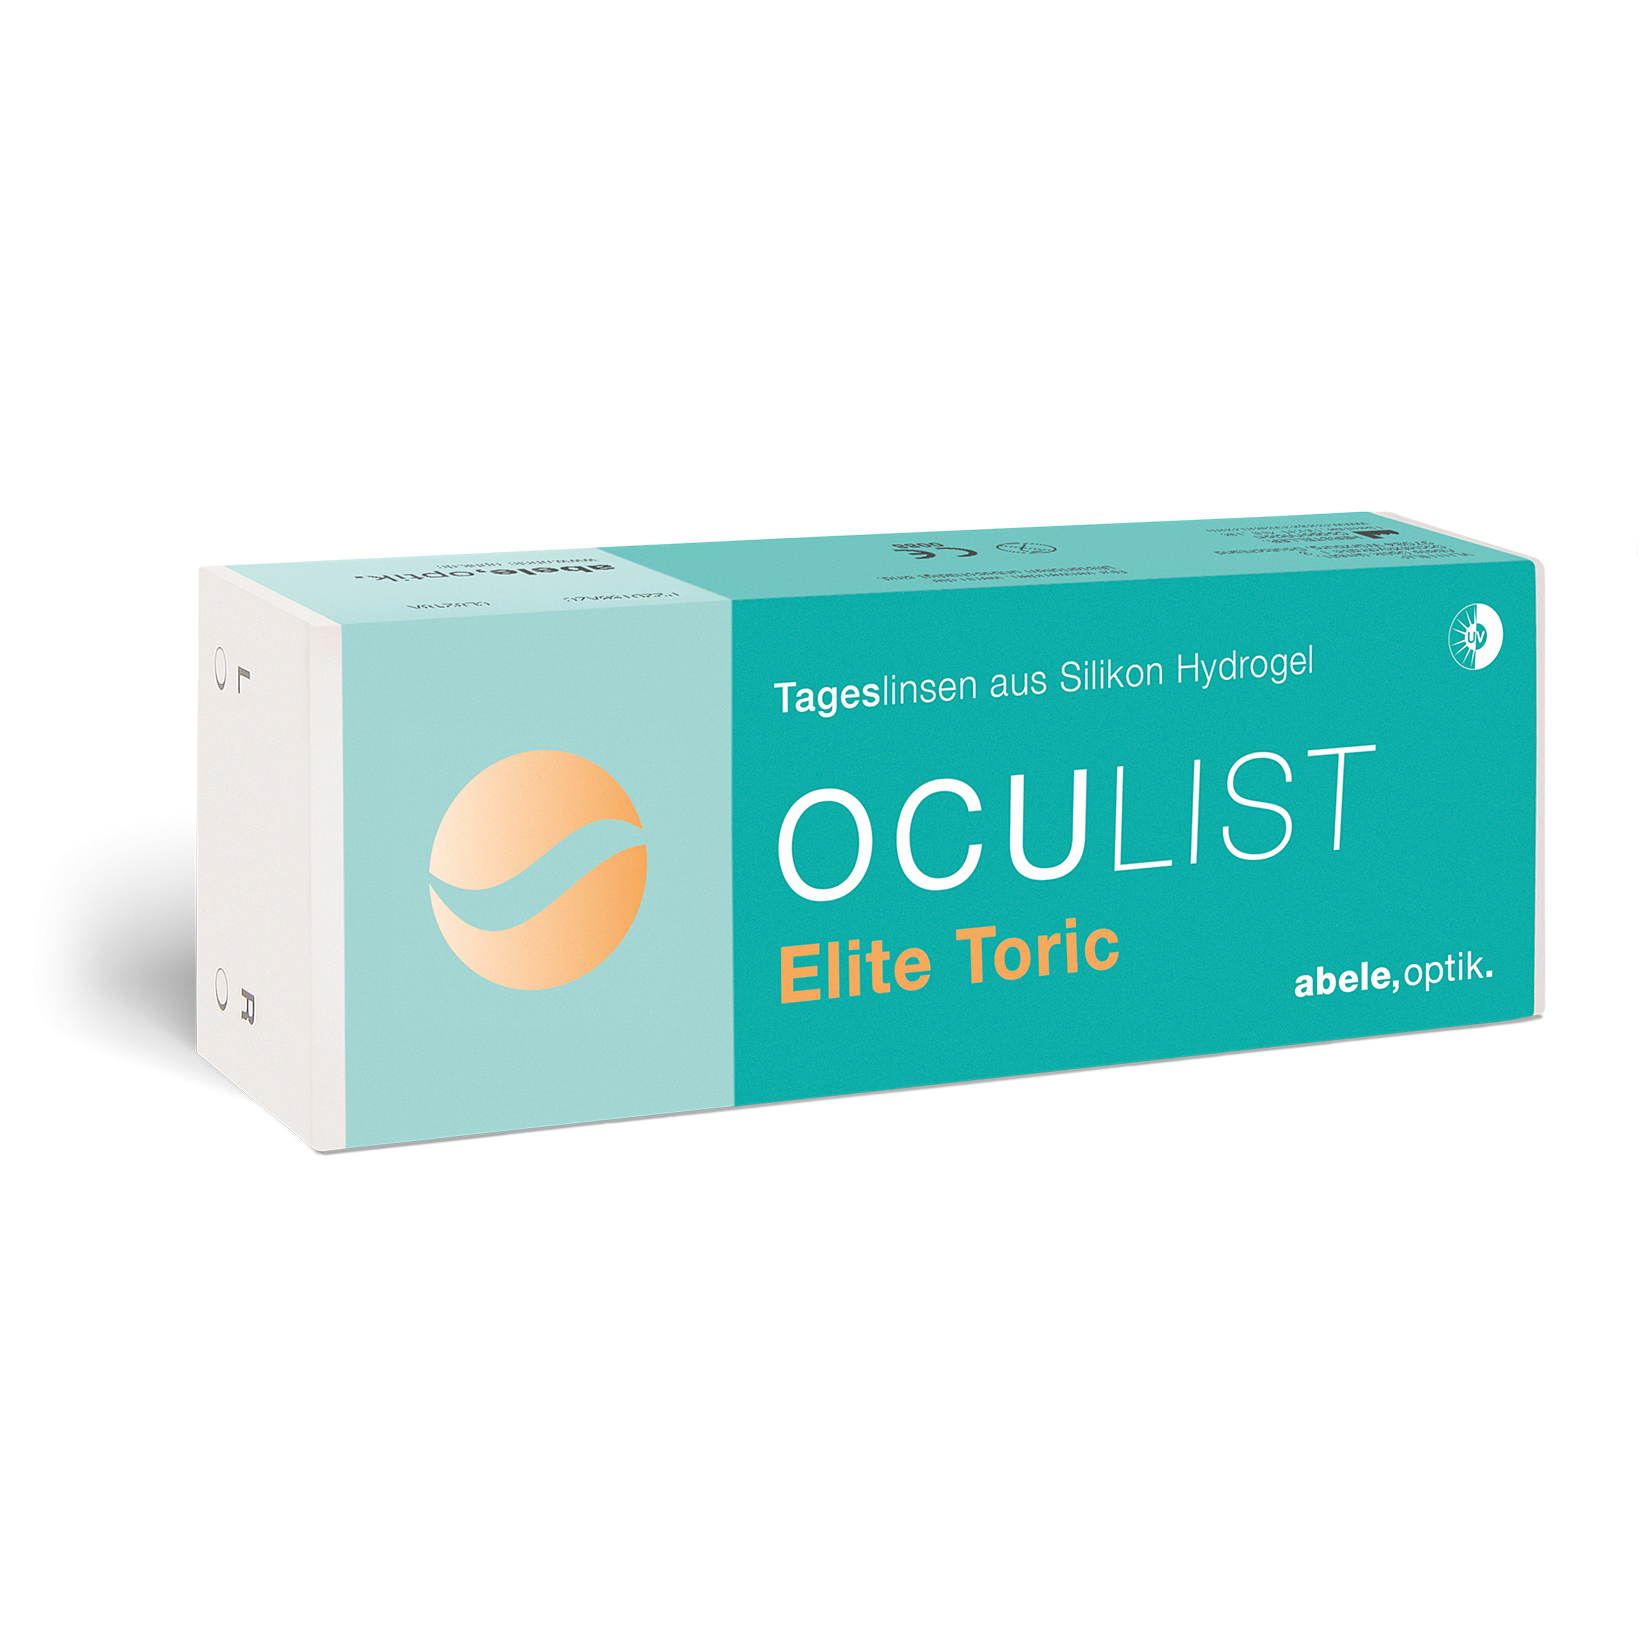 Oculist Elite Toric Tageslinse, Abele Optik (30 Stk.)